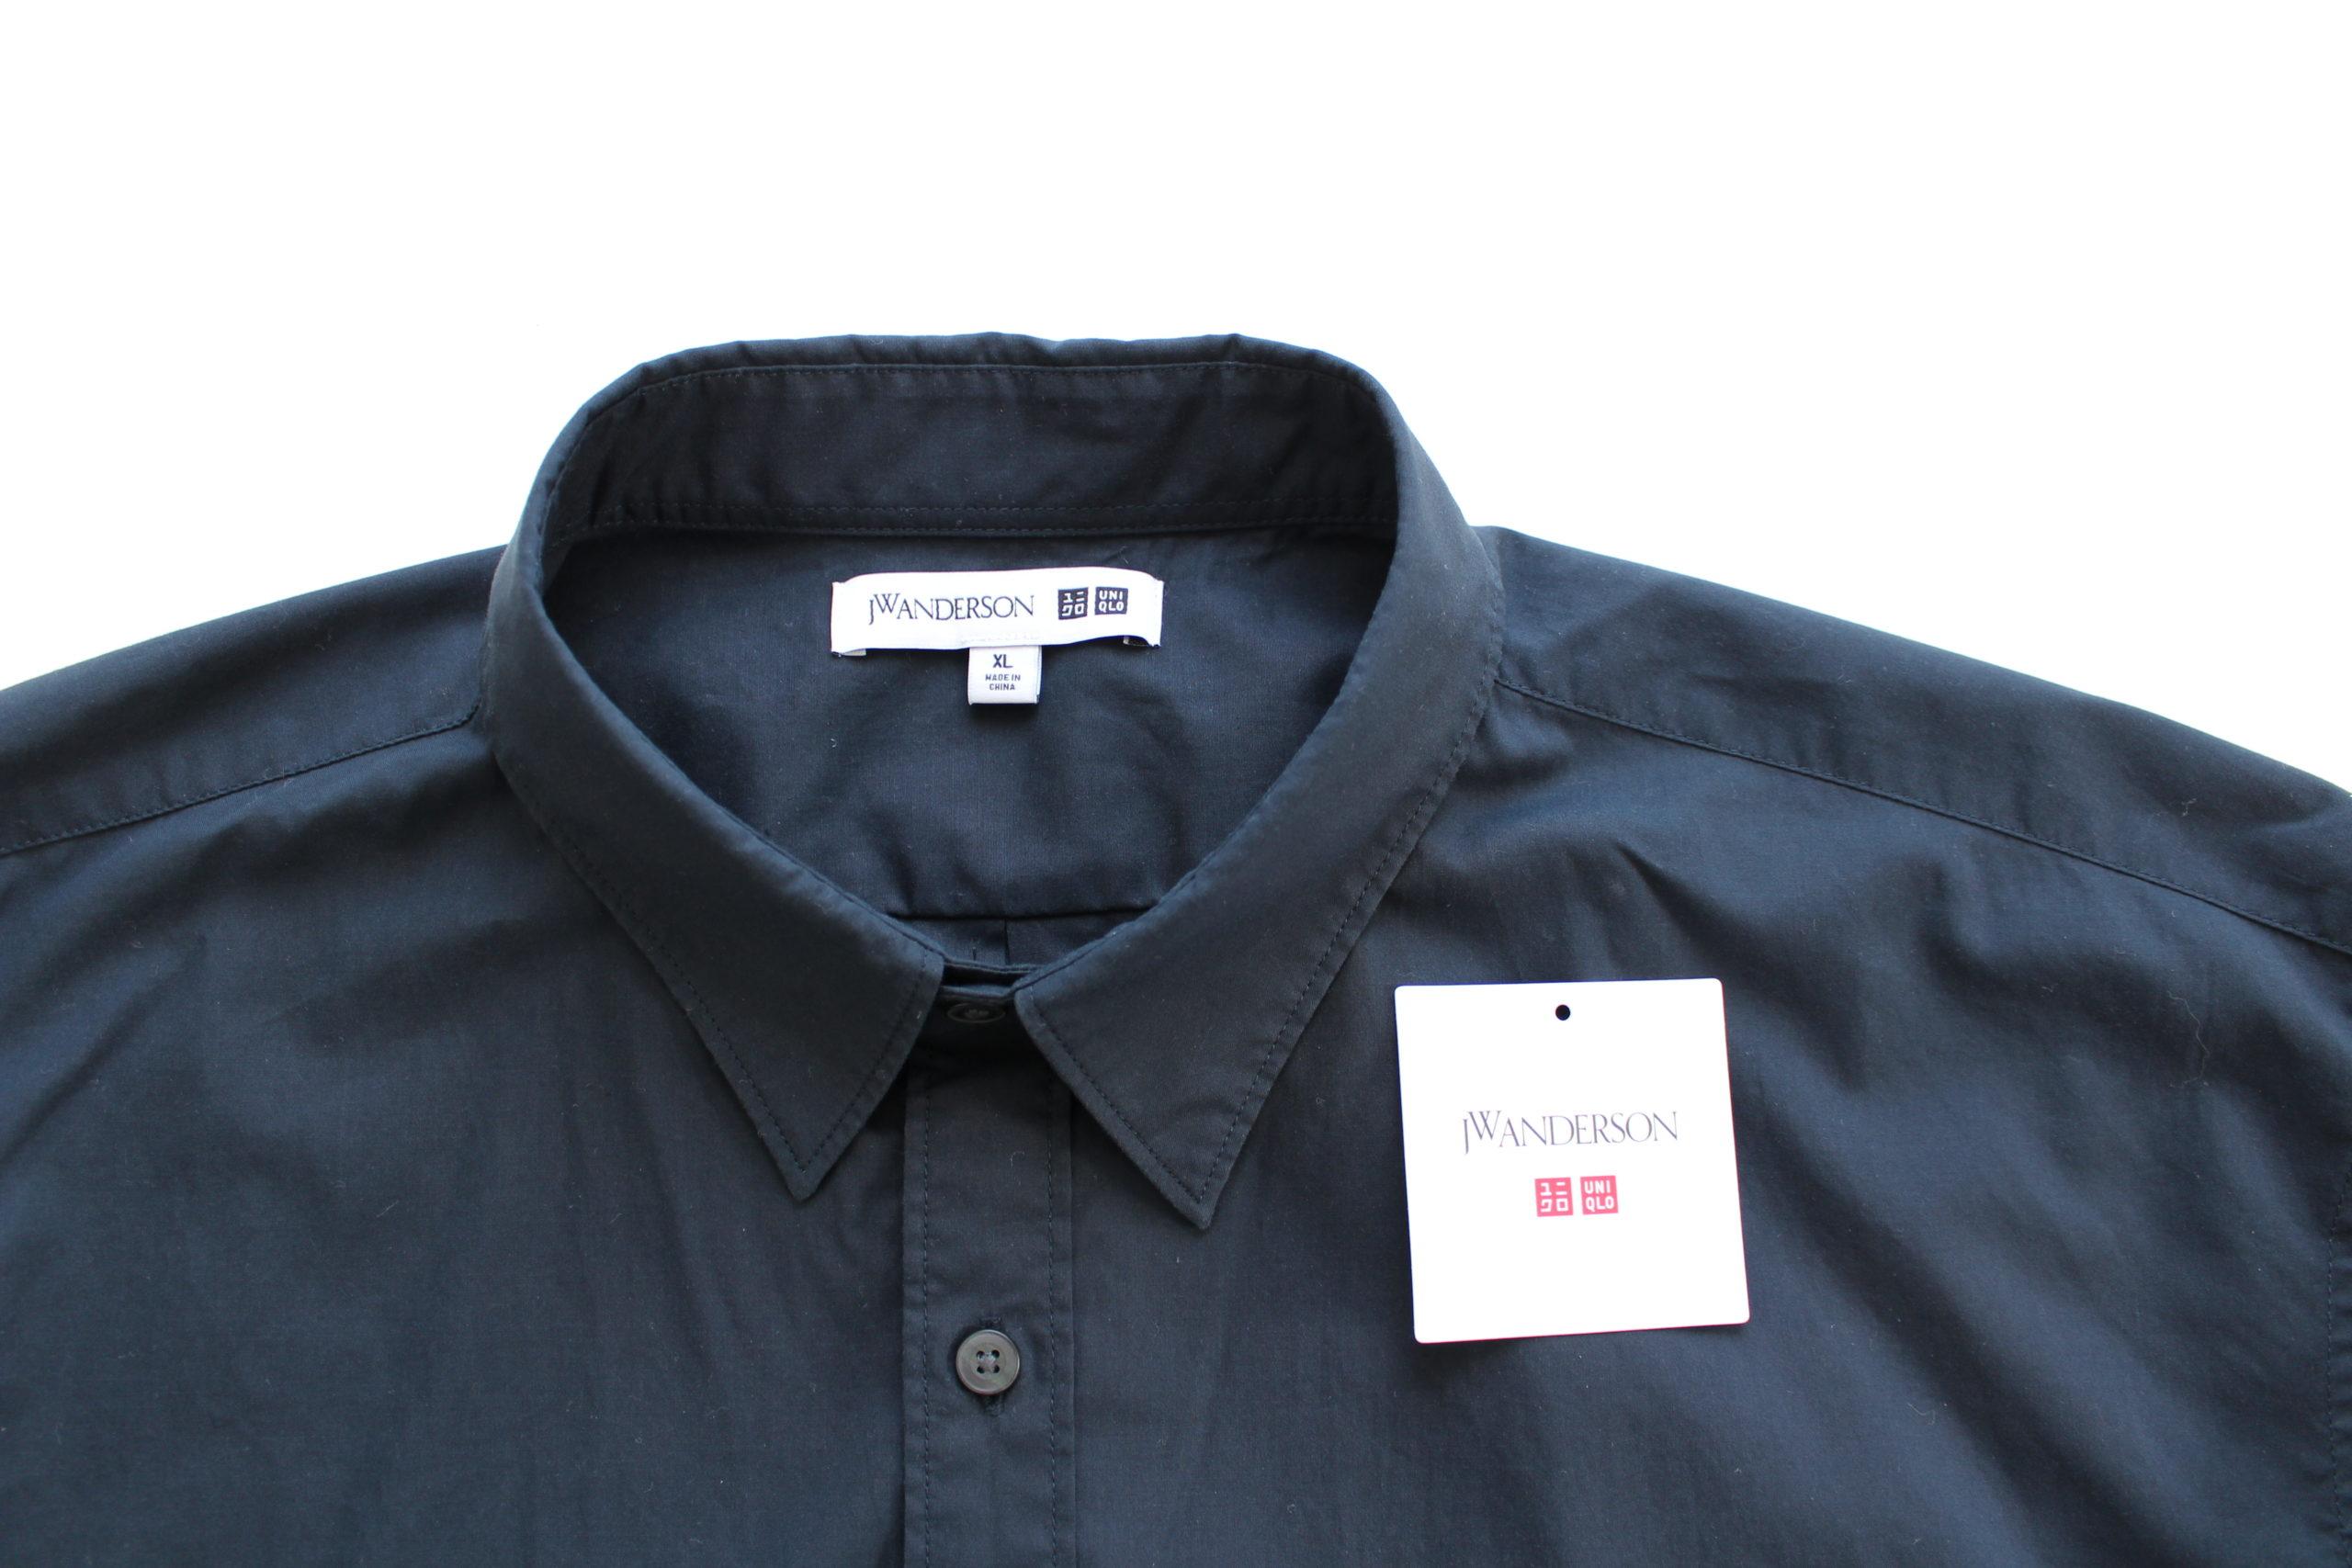 JWANDERSON JWアンダーソン アンダーソン ユニクロ uniqlo uniqlou ユニクロu ワイドフィットテーパードパンツ シャツ ネイビー uniqlou テーパード  2020ss エクストラファインコットンブロードオーバーサイズシャツ(長袖) EFCブロードオーバーサイズシャツ オーバーサイズシャツ 長袖シャツ ANDERSON